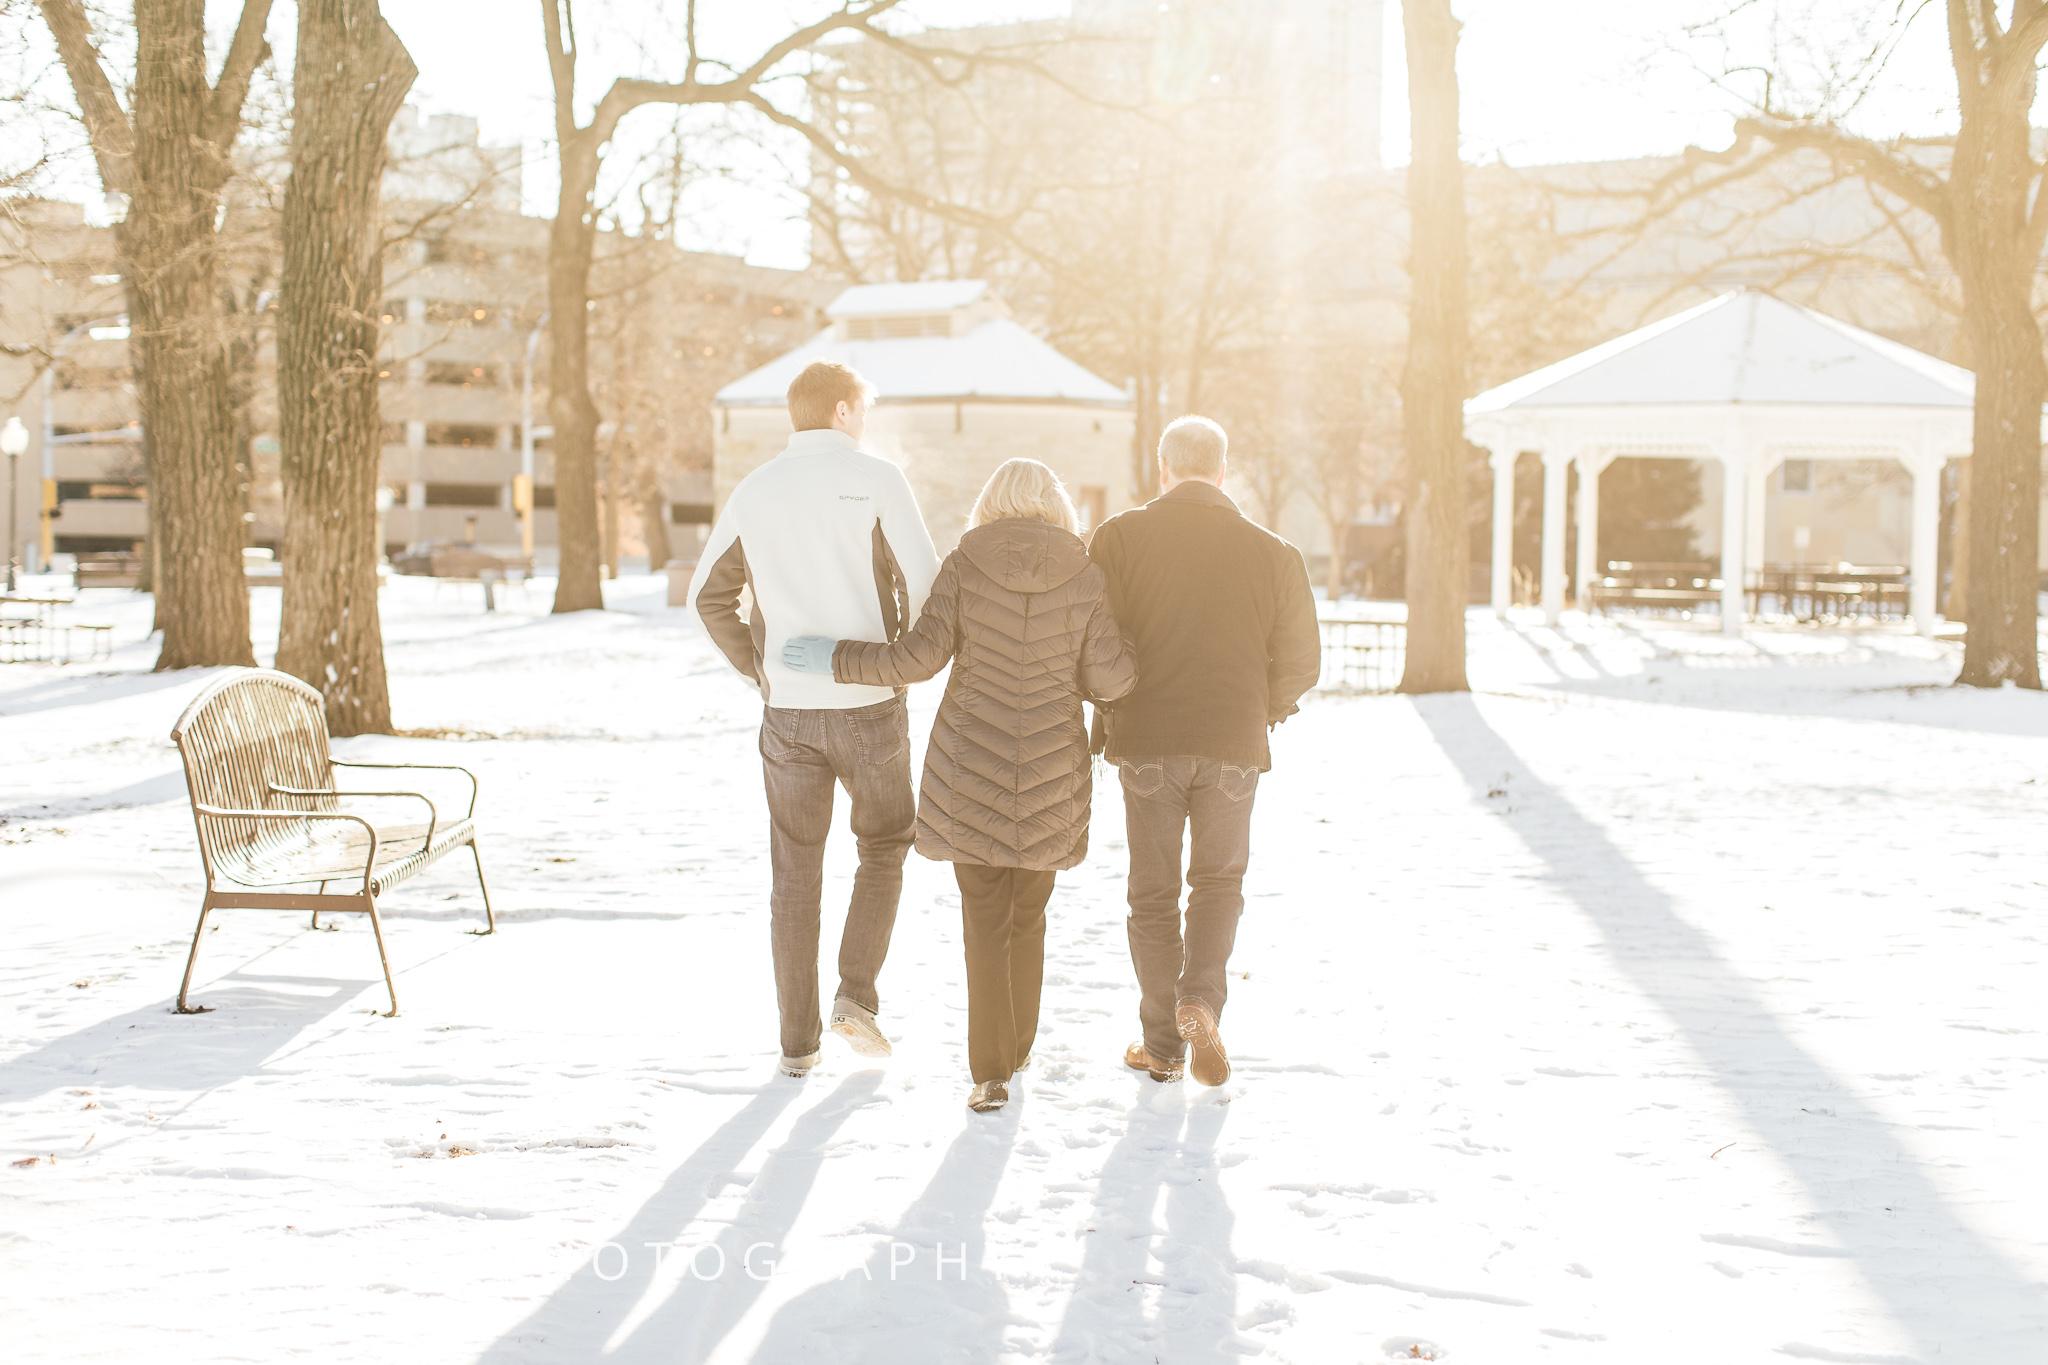 Central-Park-Rochester-Family-Portrait-2.jpg